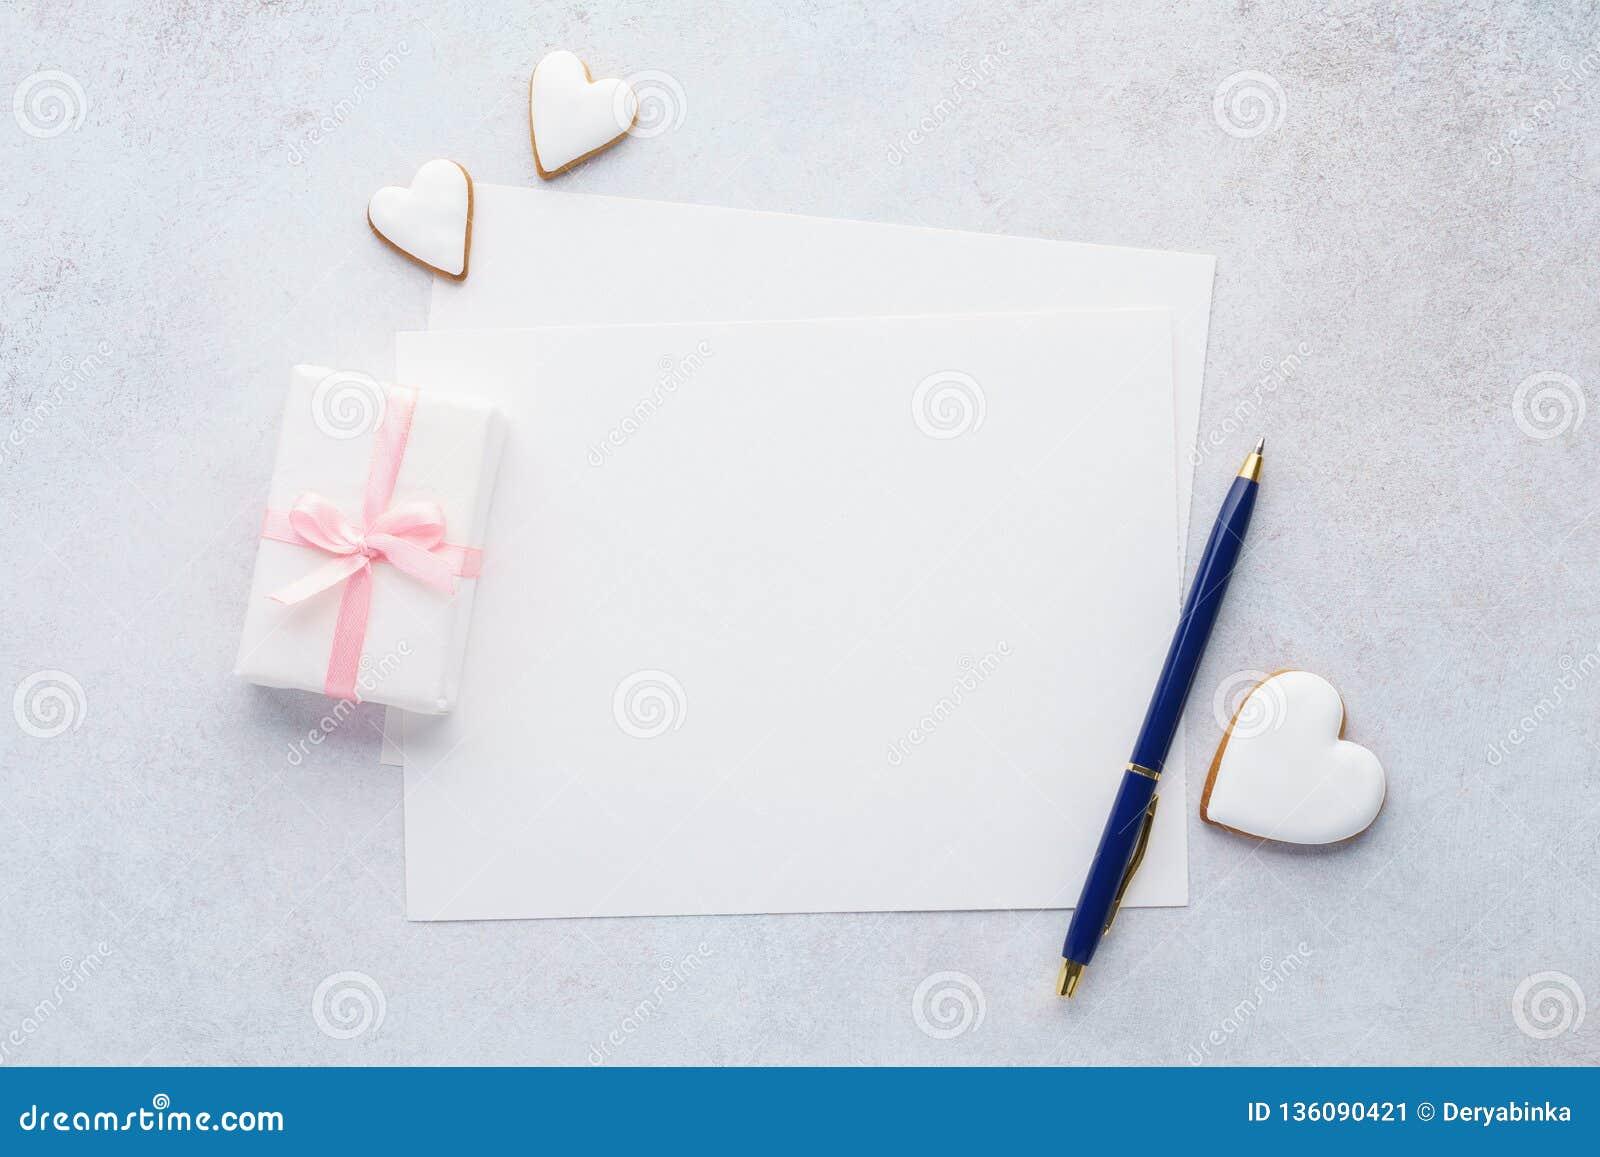 Listan av papper, gåvaasken, hjärta formade kakor och en penna